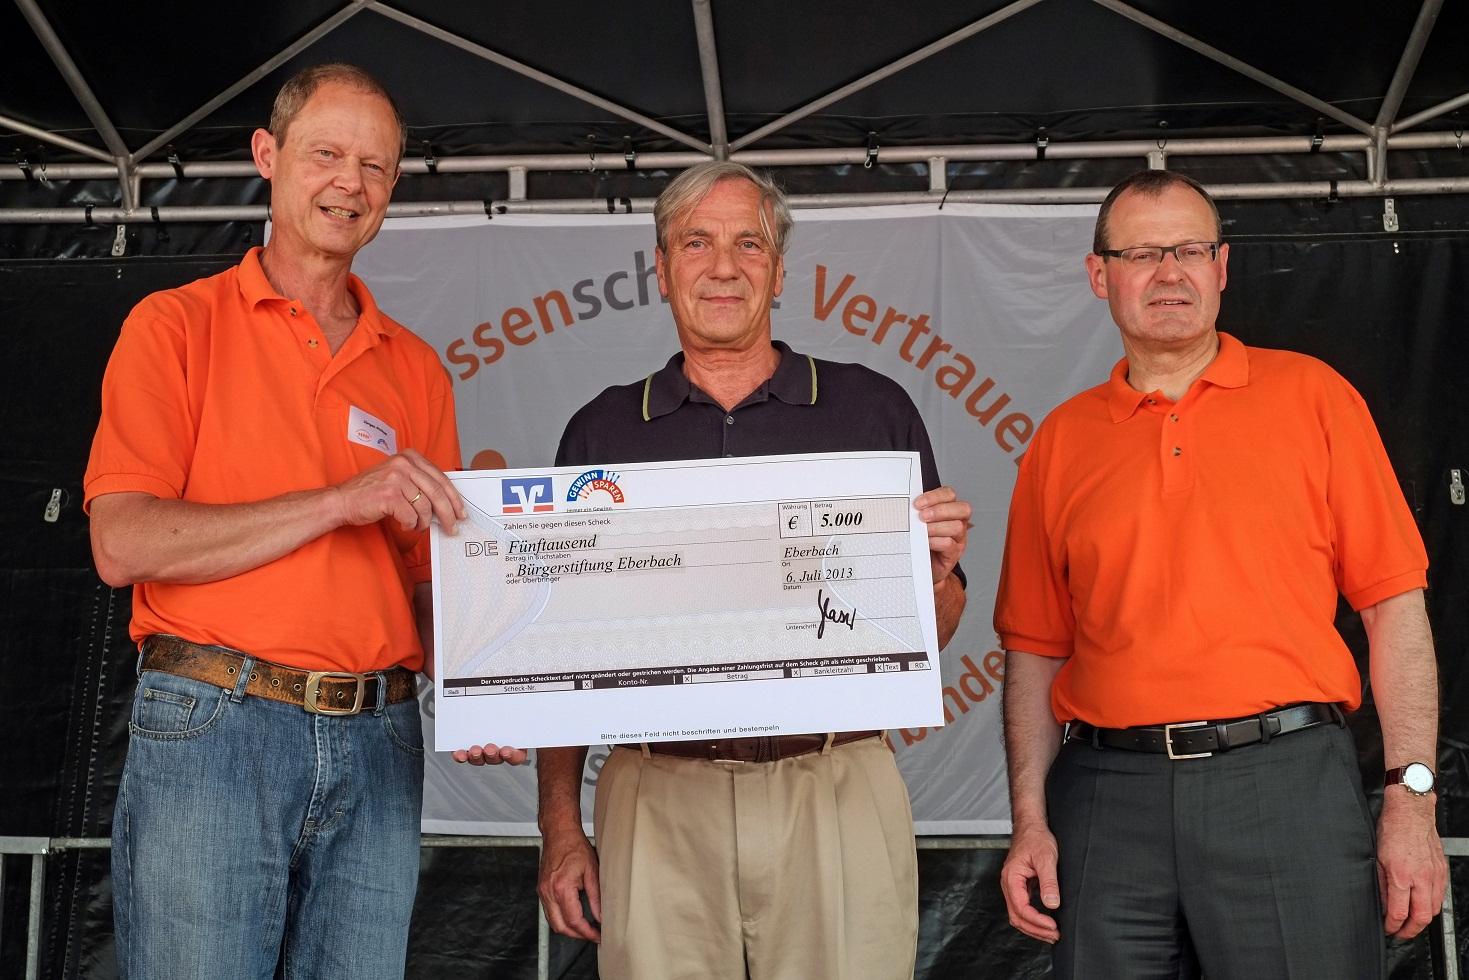 Genossenschaftstag Eberbach